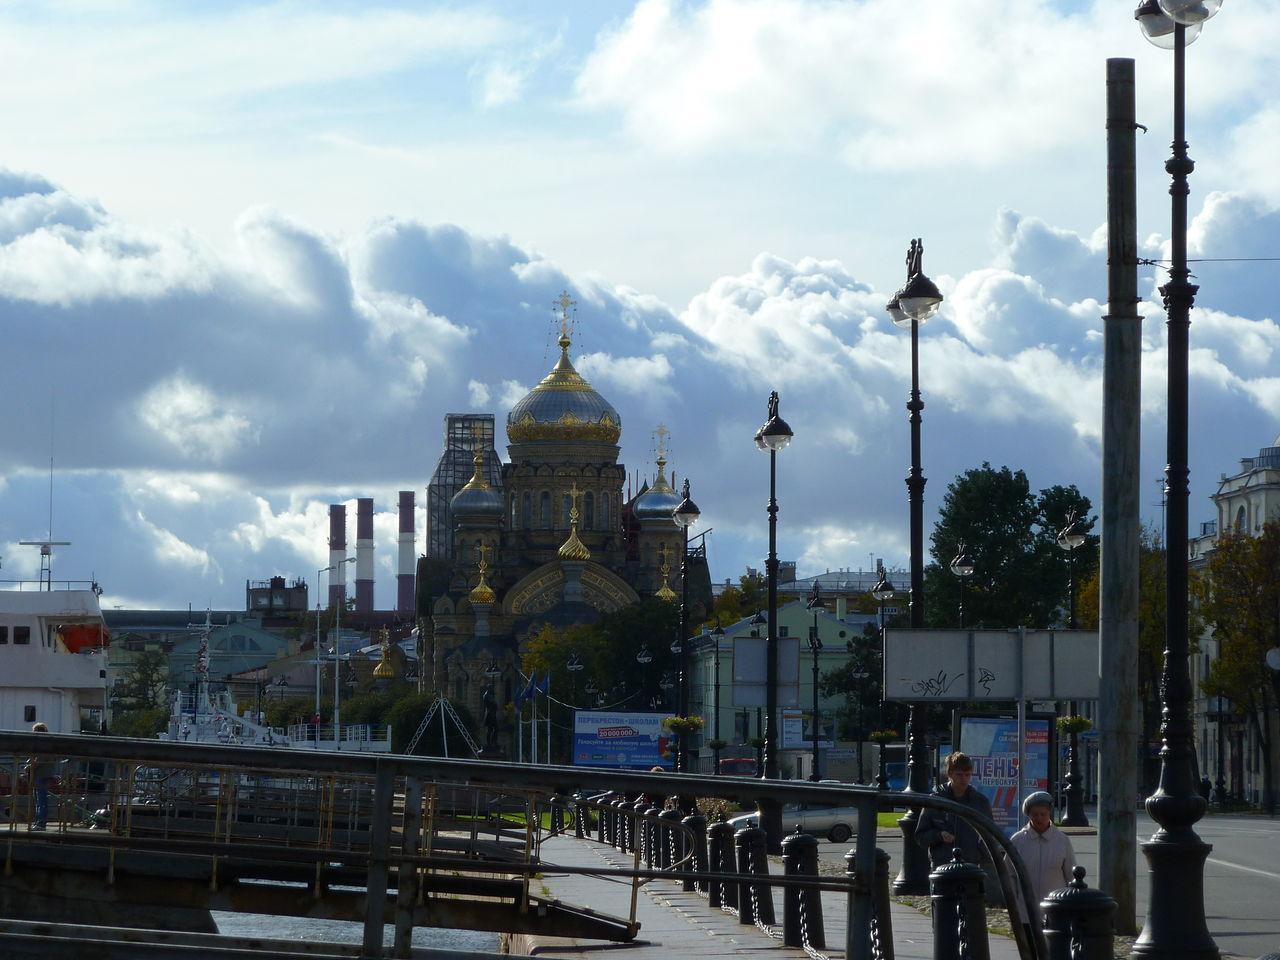 Церковь Успения Пресвятой Богородицы. Васильевский остров.Автор фото: Viktor13 (Wikimedia Commons)